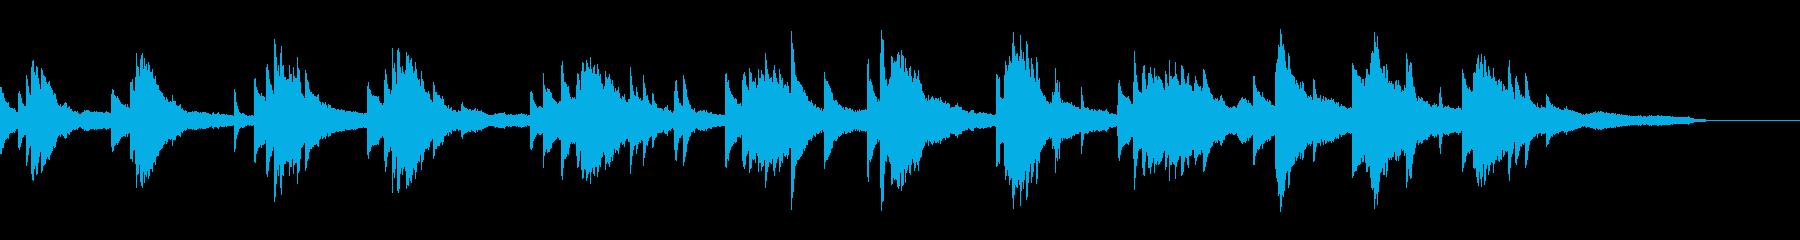 映像・ナレーション用ピアノ演奏(幻想2)の再生済みの波形